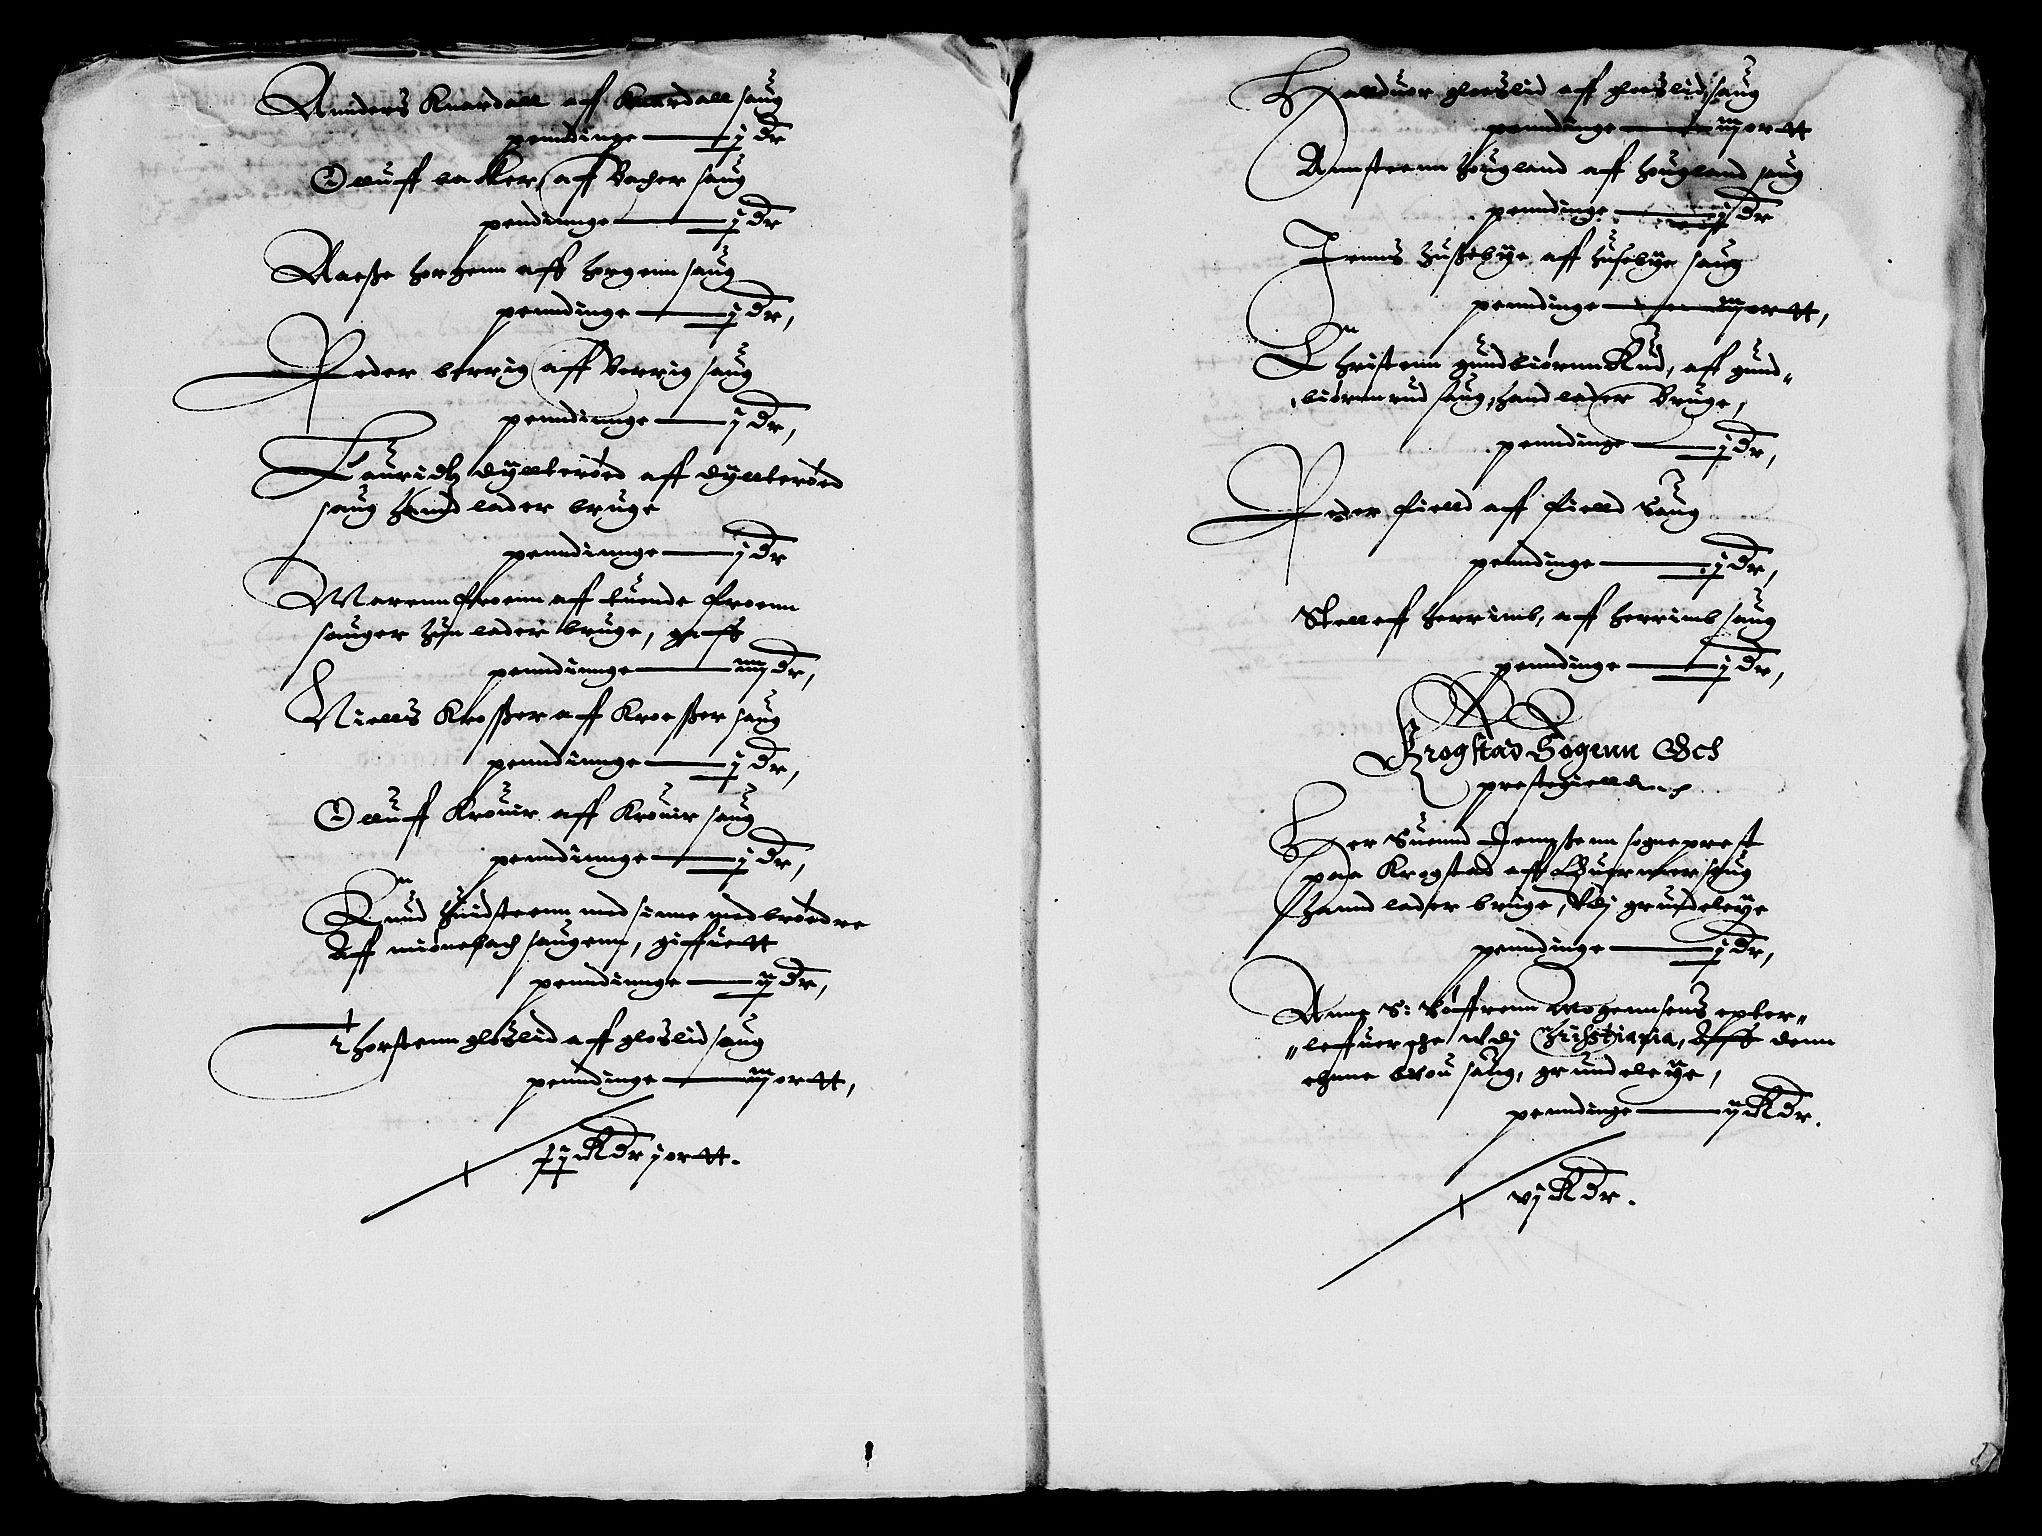 RA, Rentekammeret inntil 1814, Reviderte regnskaper, Lensregnskaper, R/Rb/Rba/L0076: Akershus len, 1626-1627